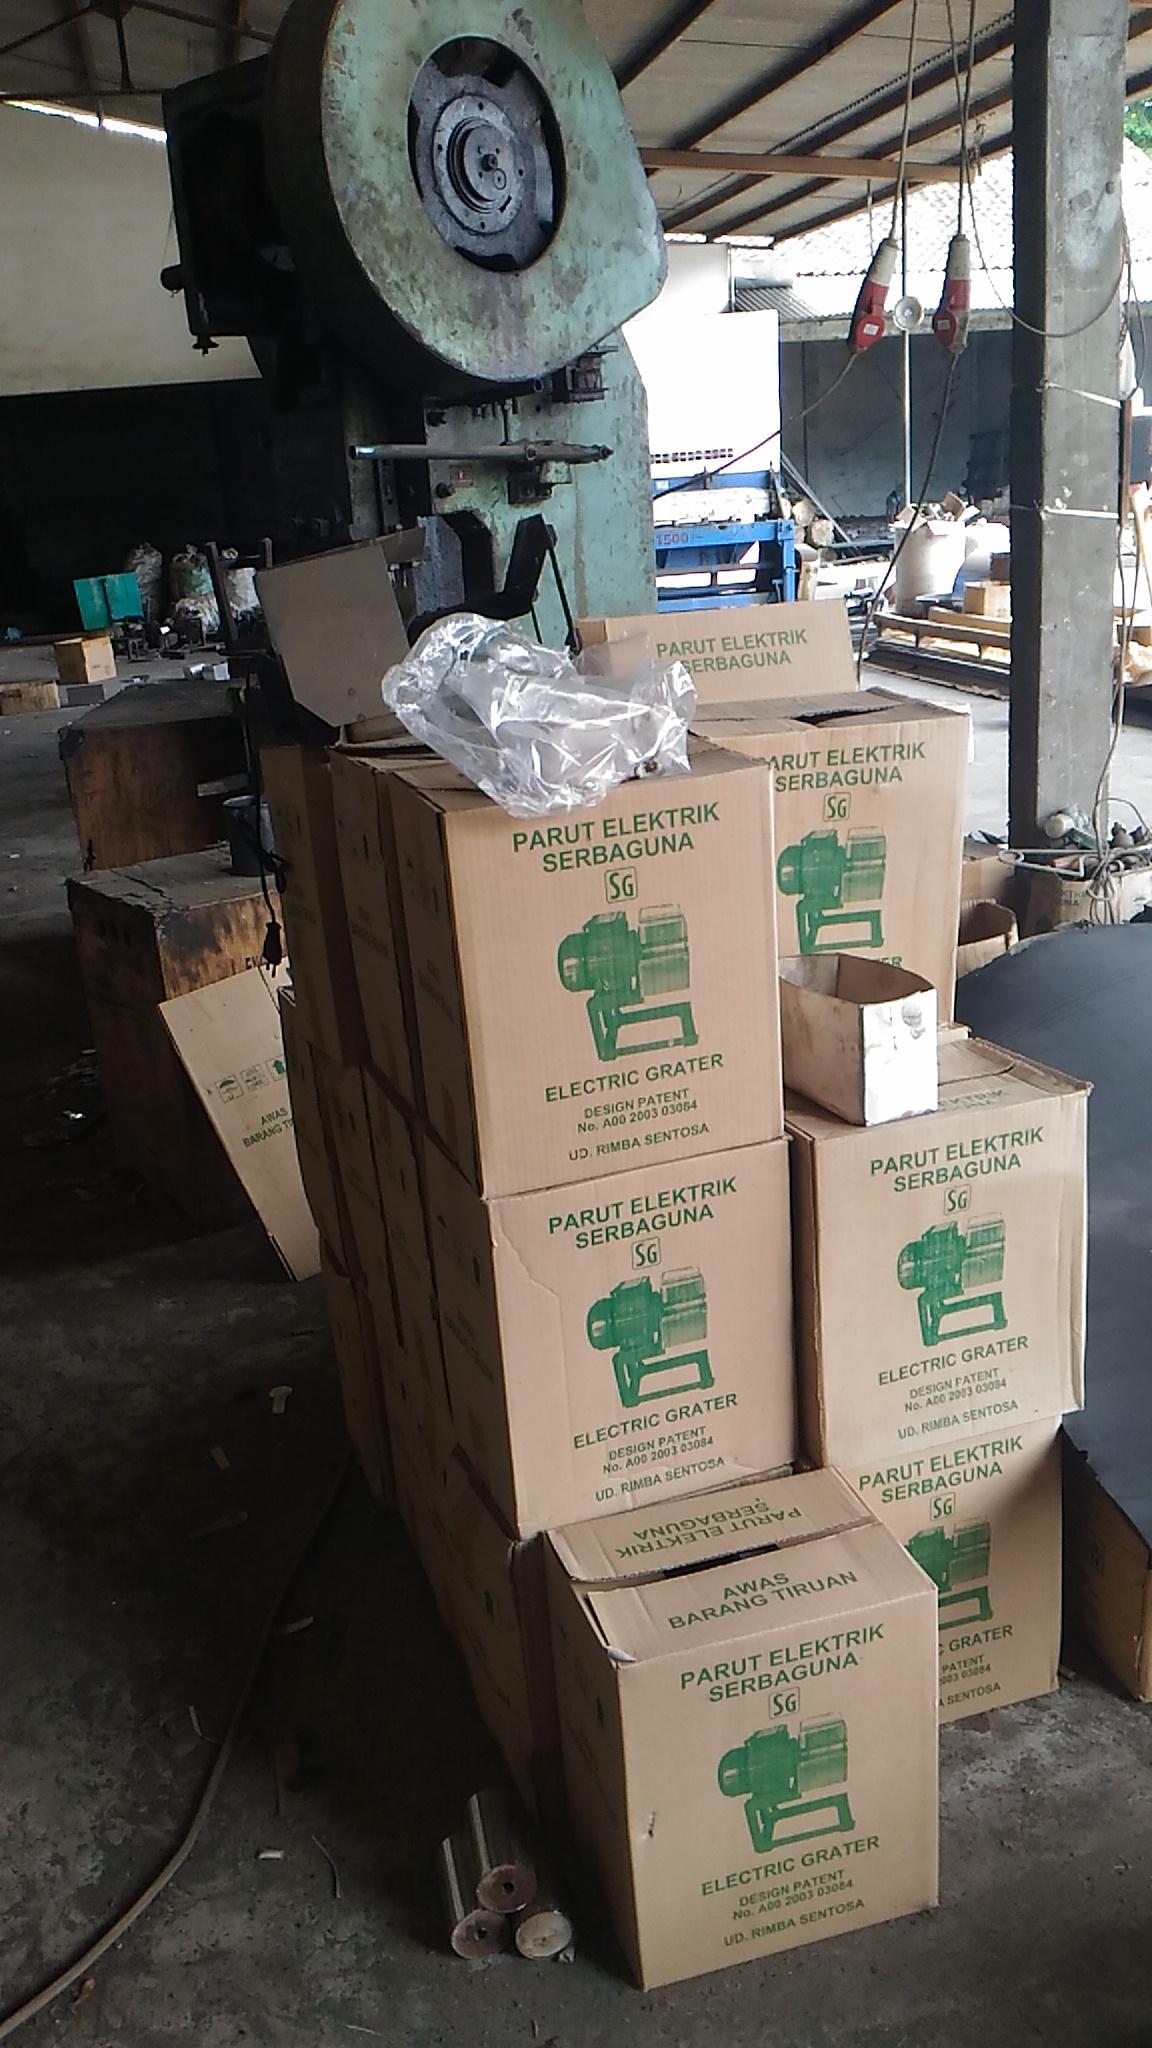 Parutan Kelapa Mesin Listrik Murah Gratis Packing